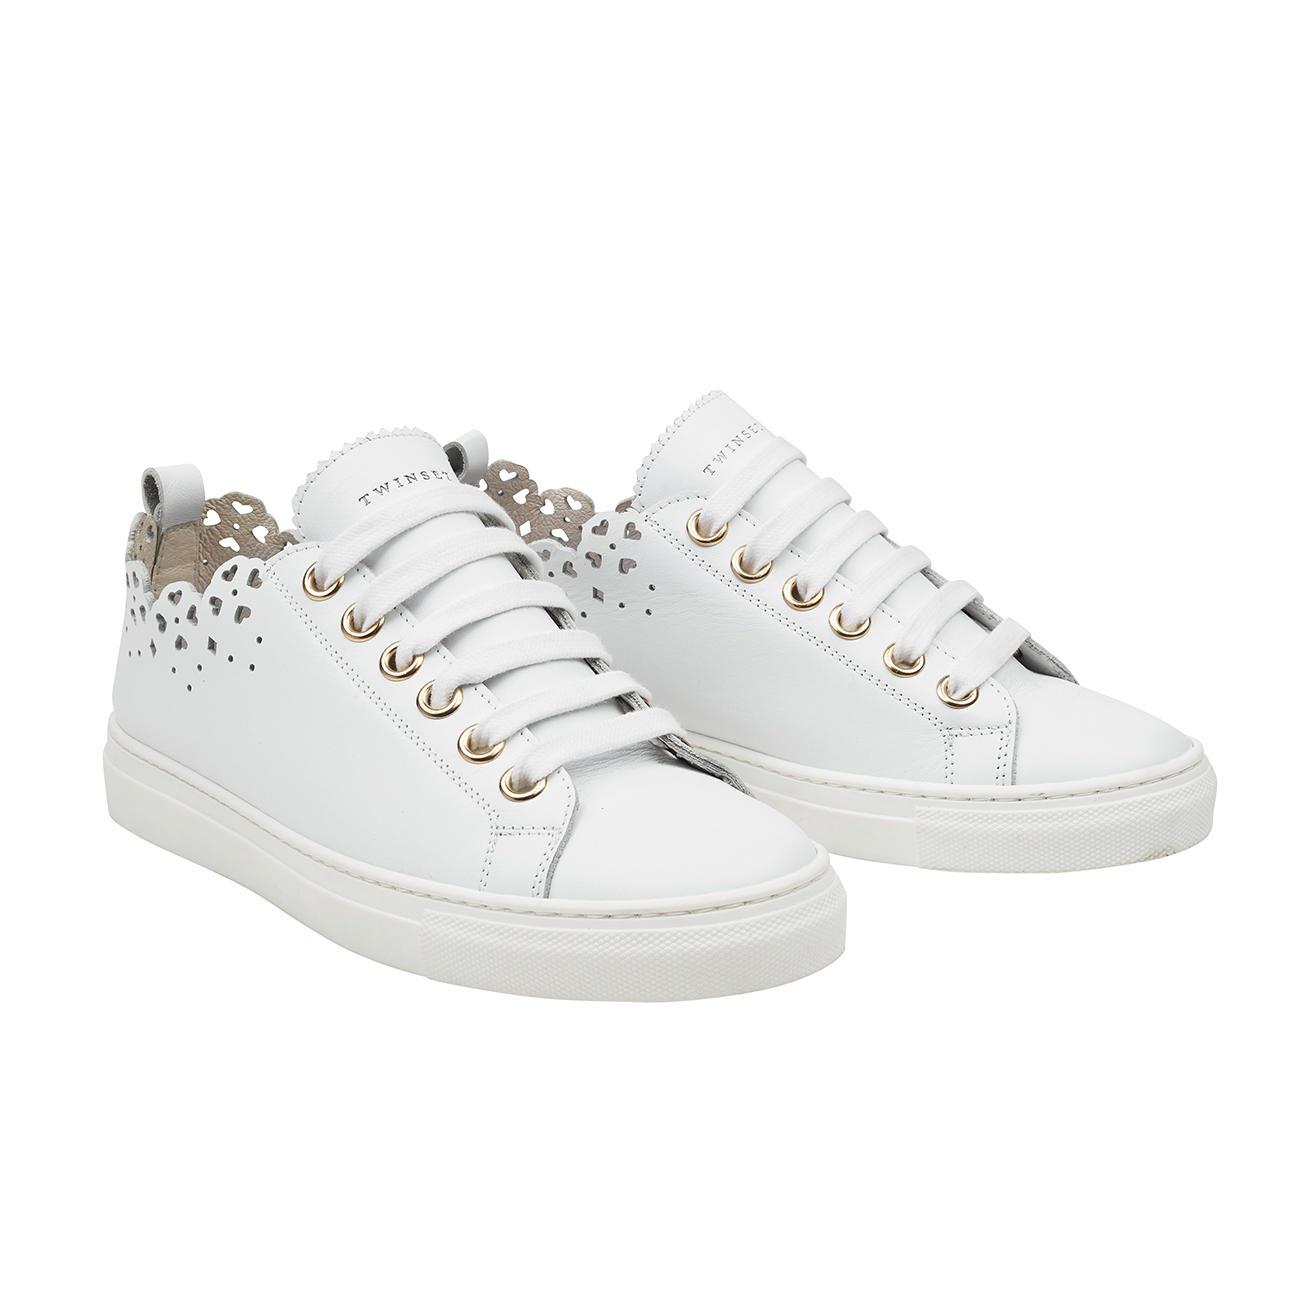 TWINSET sneakers met kant | Mode Klassiker entdecken